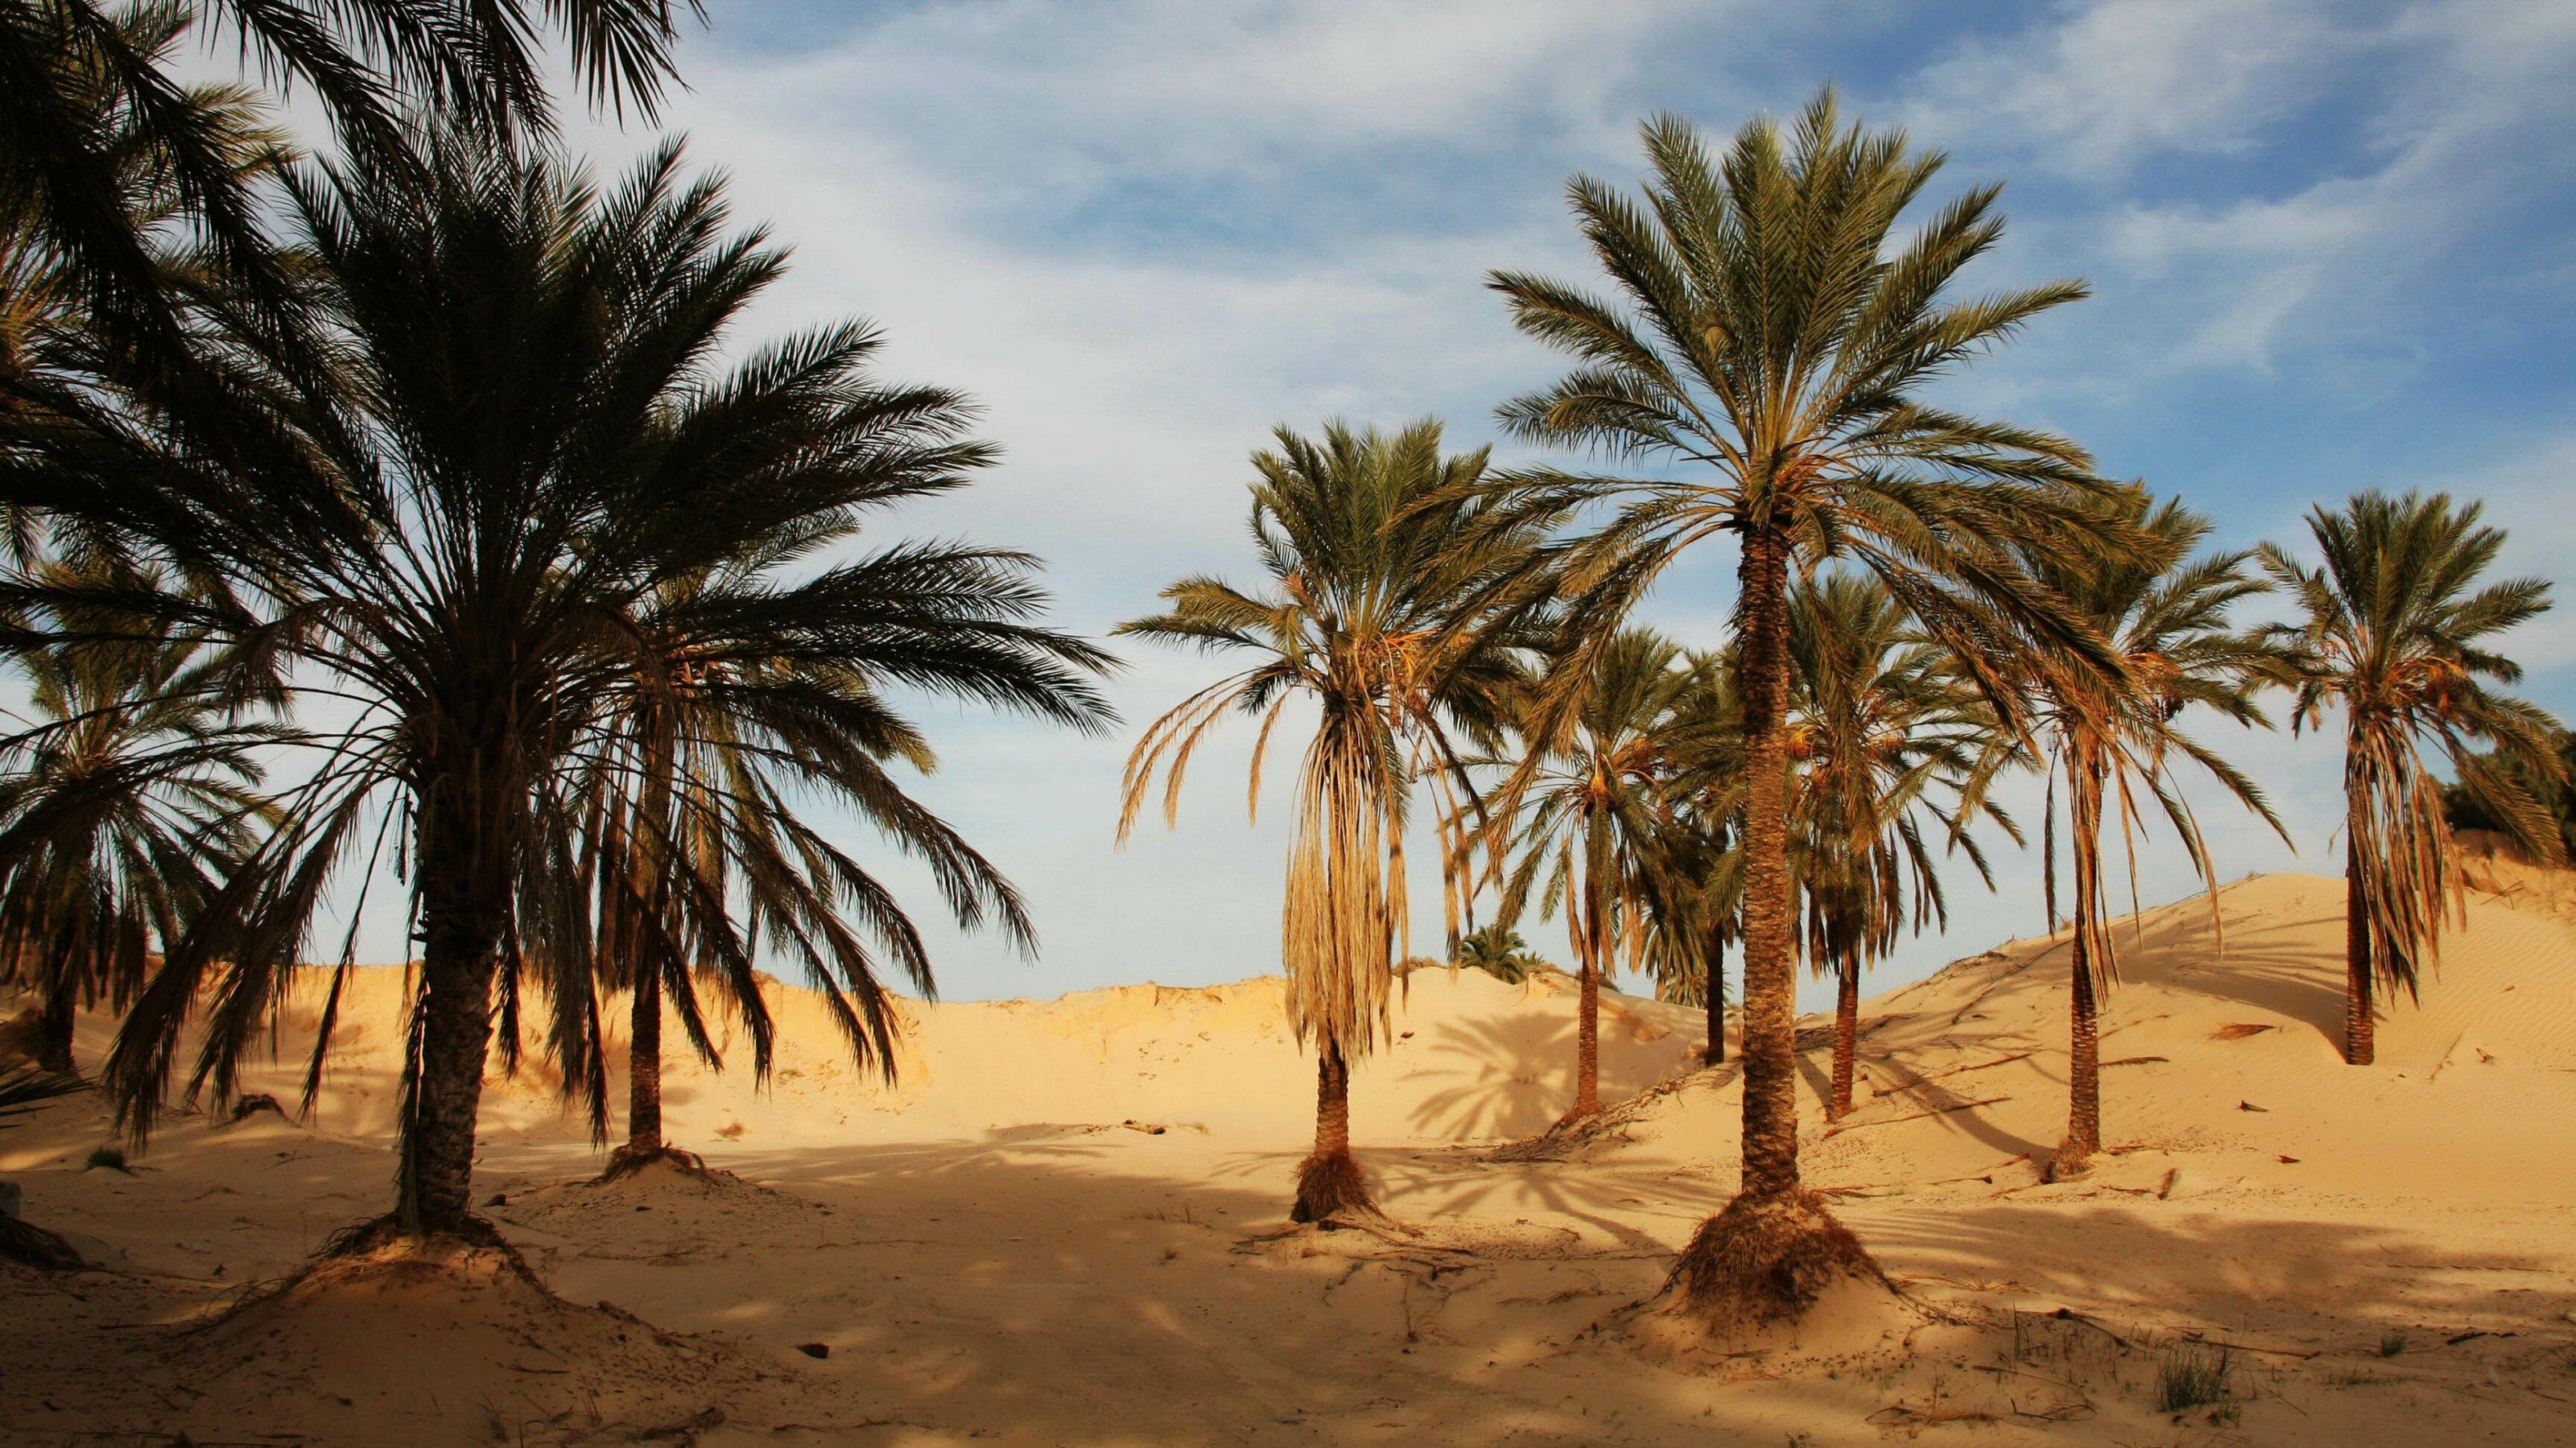 Dattelpalmen stehen in der Wüste